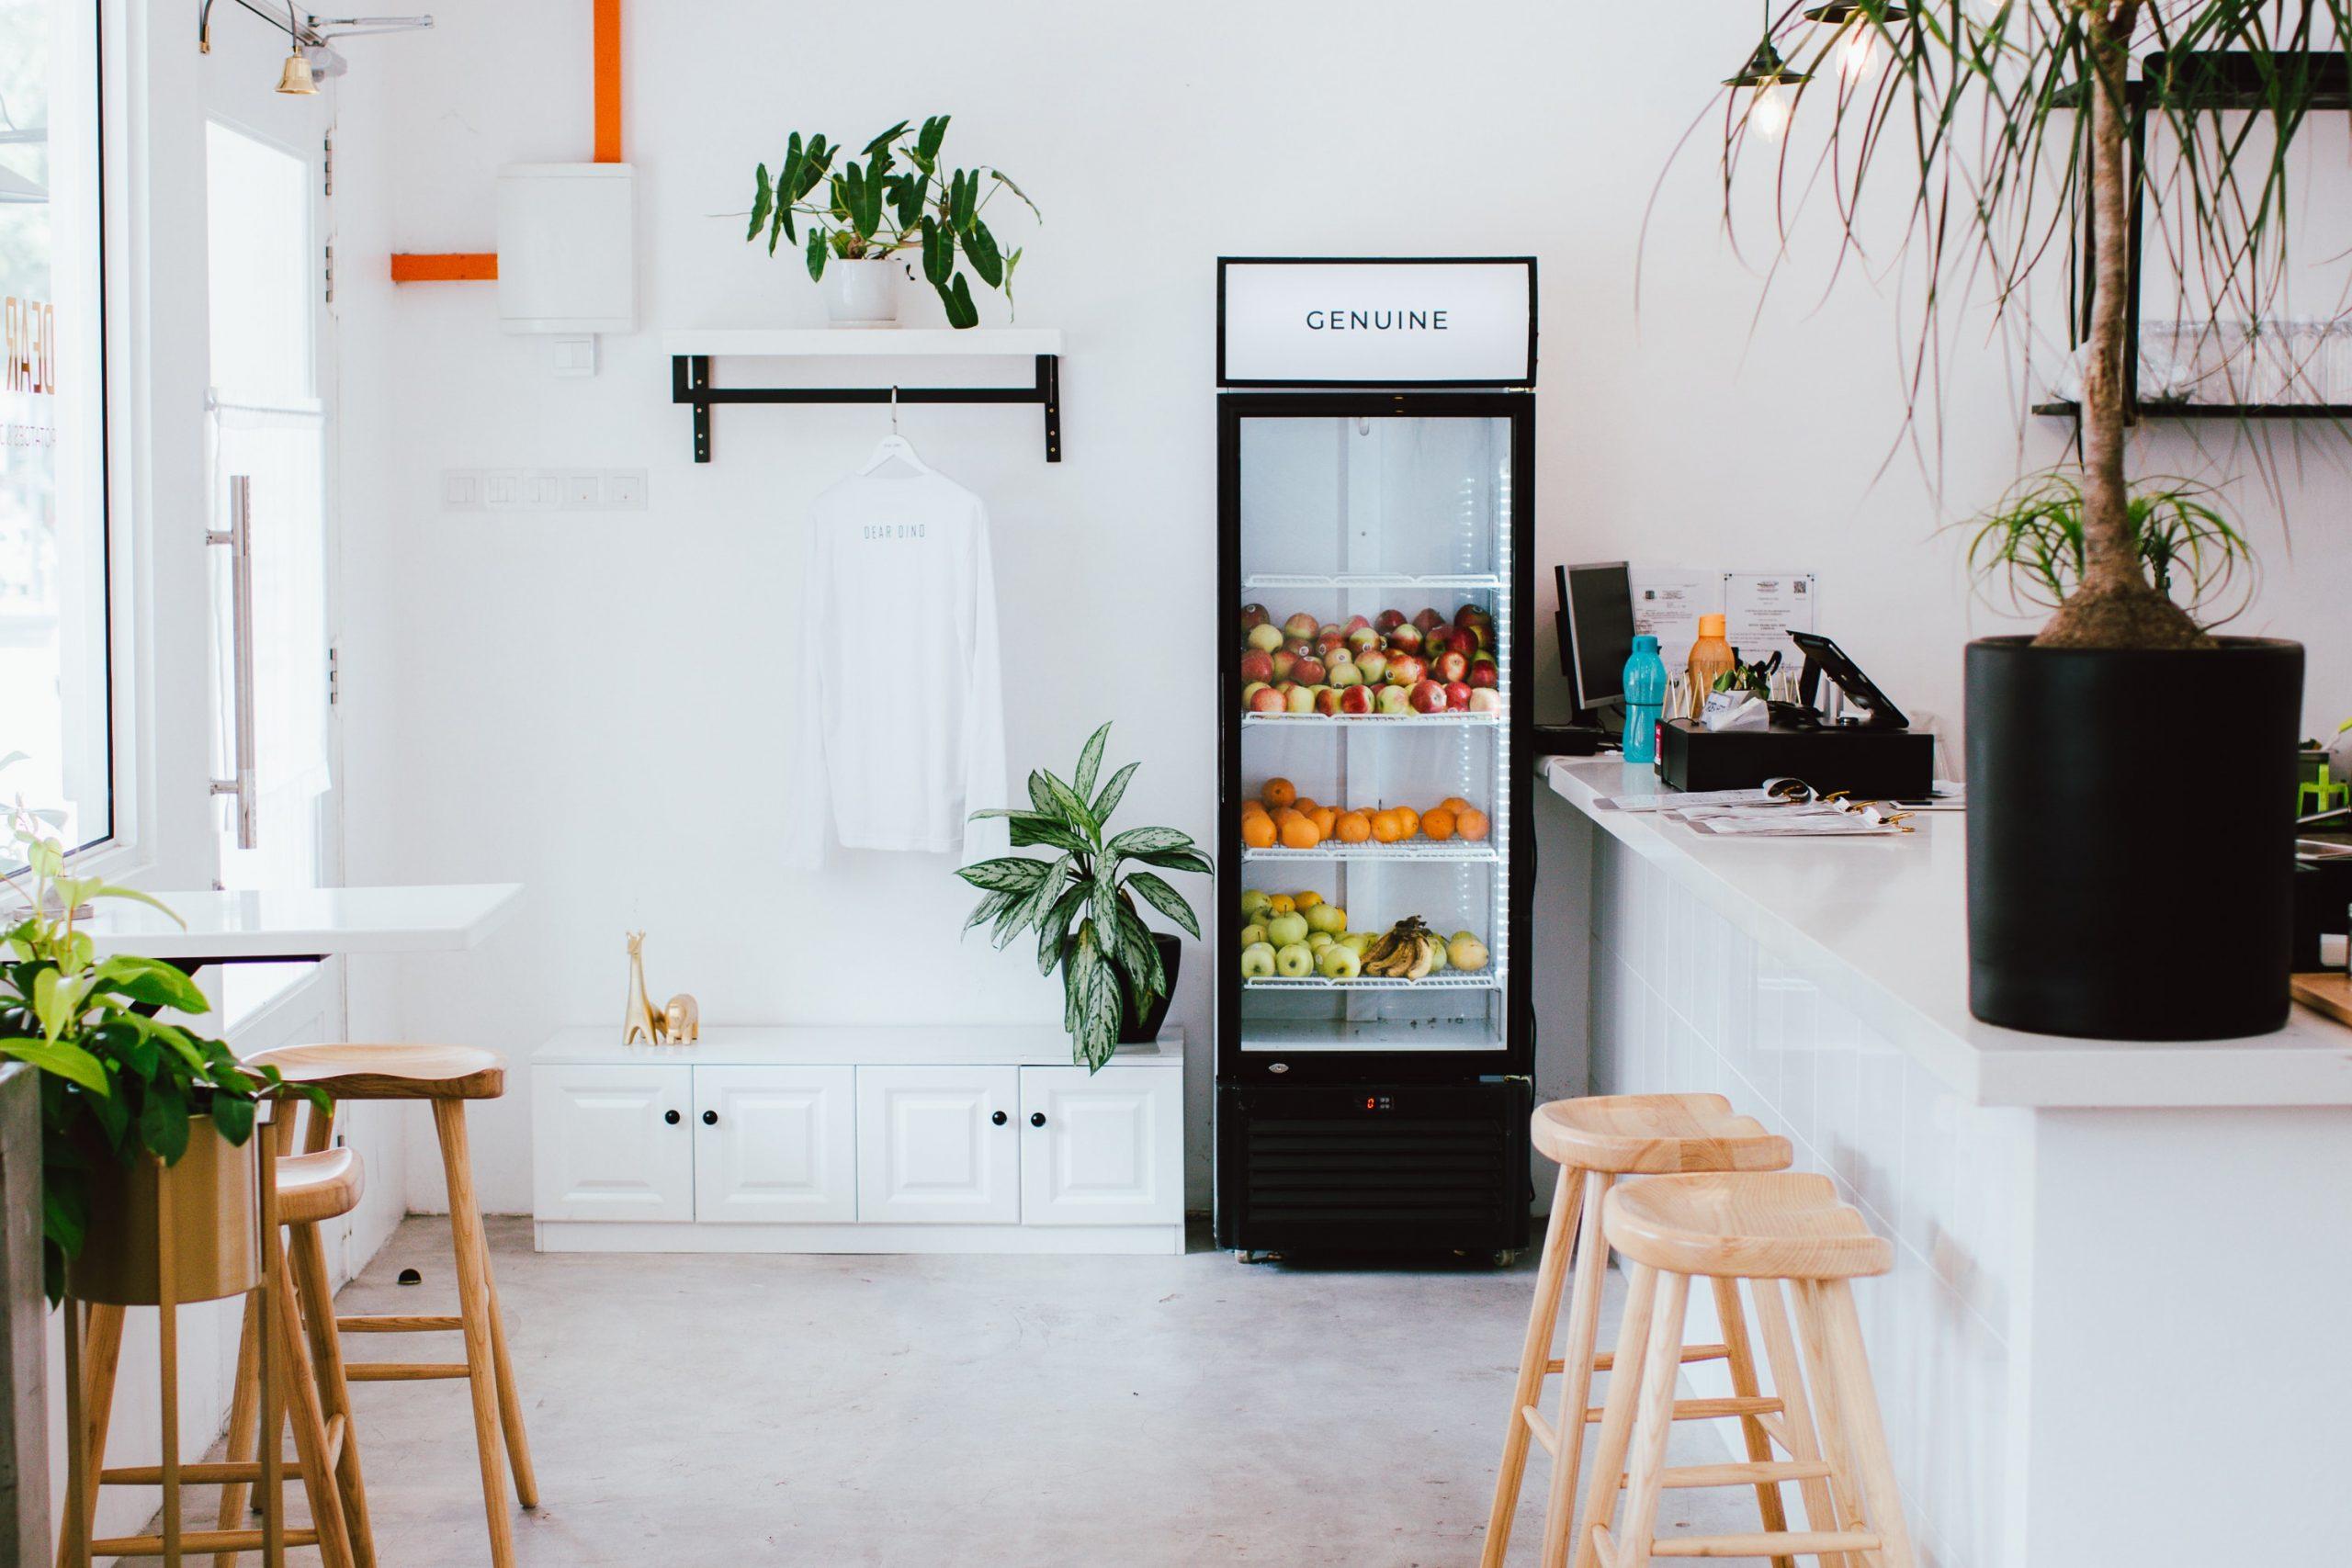 Na foto uma lanchonete com uma geladeira expositora repleta de frutas.